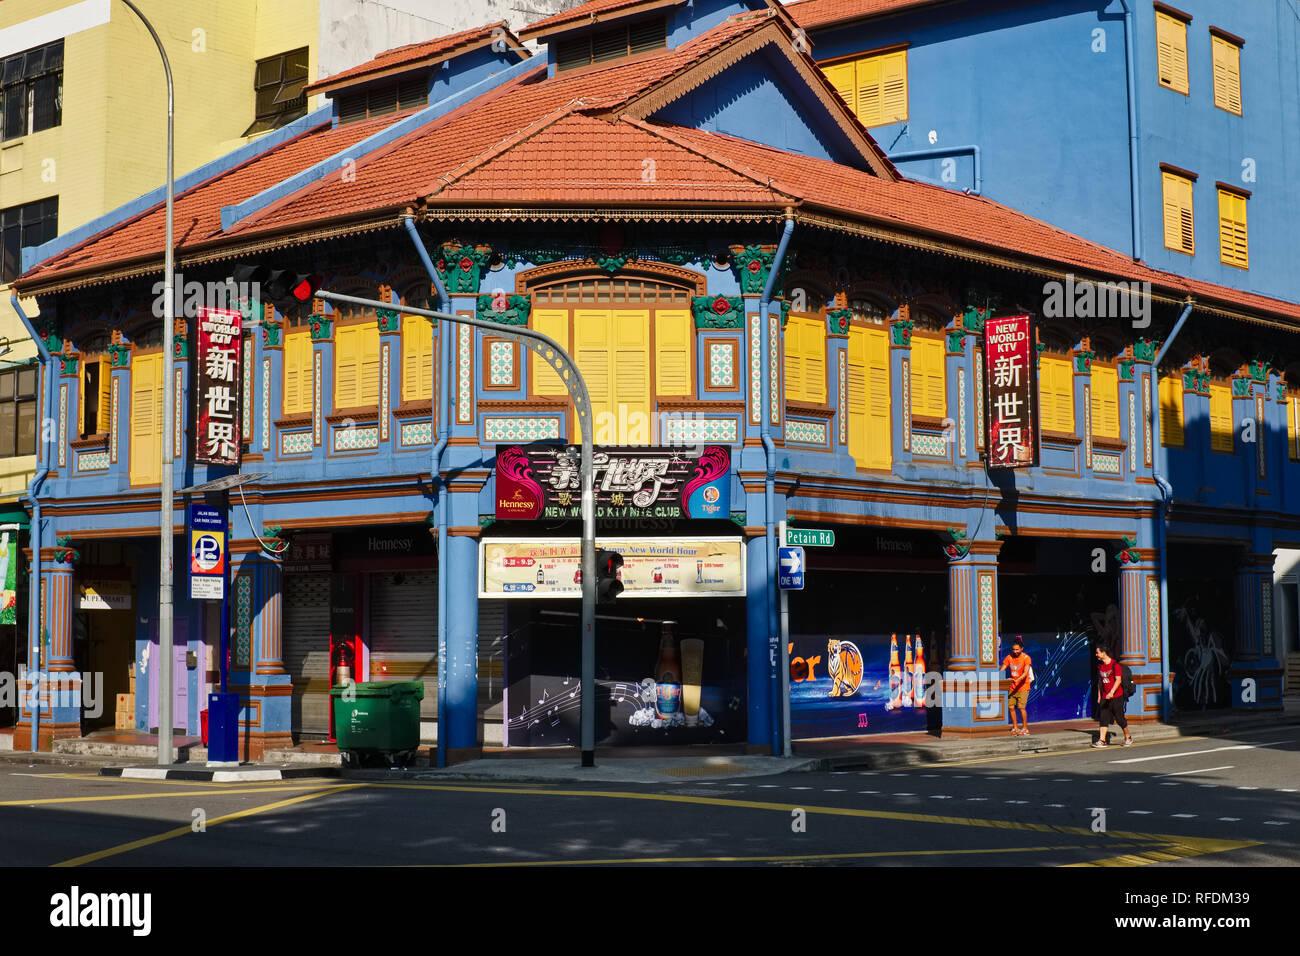 A colorful old building at corner Jalan Besar / Petain Rd. Jalan Besar area, Singapore - Stock Image